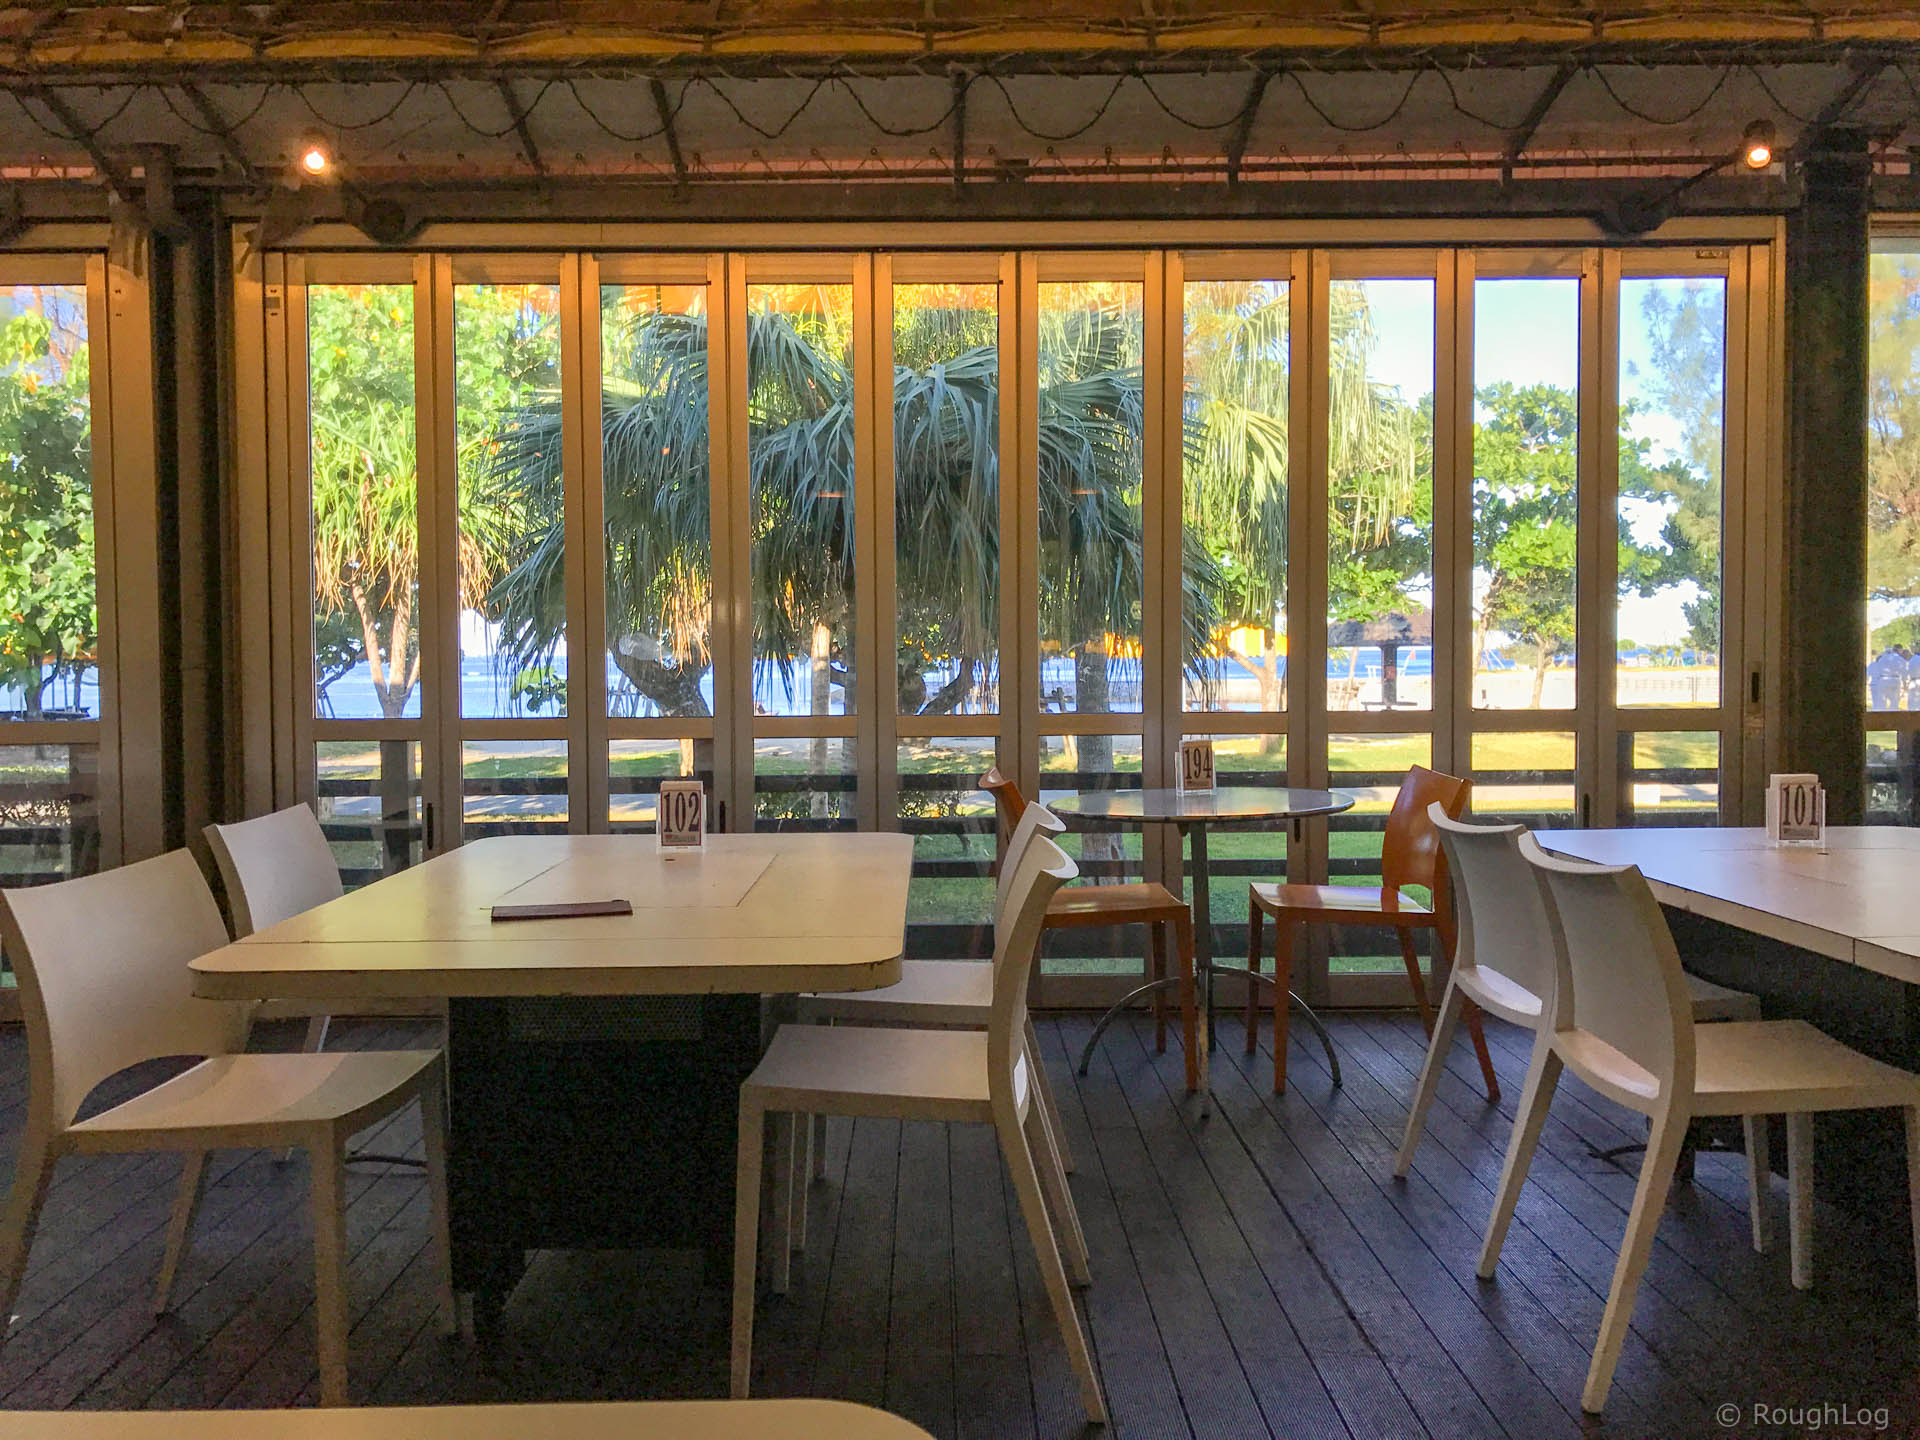 ザ・ビーチタワー沖縄内のレストラン